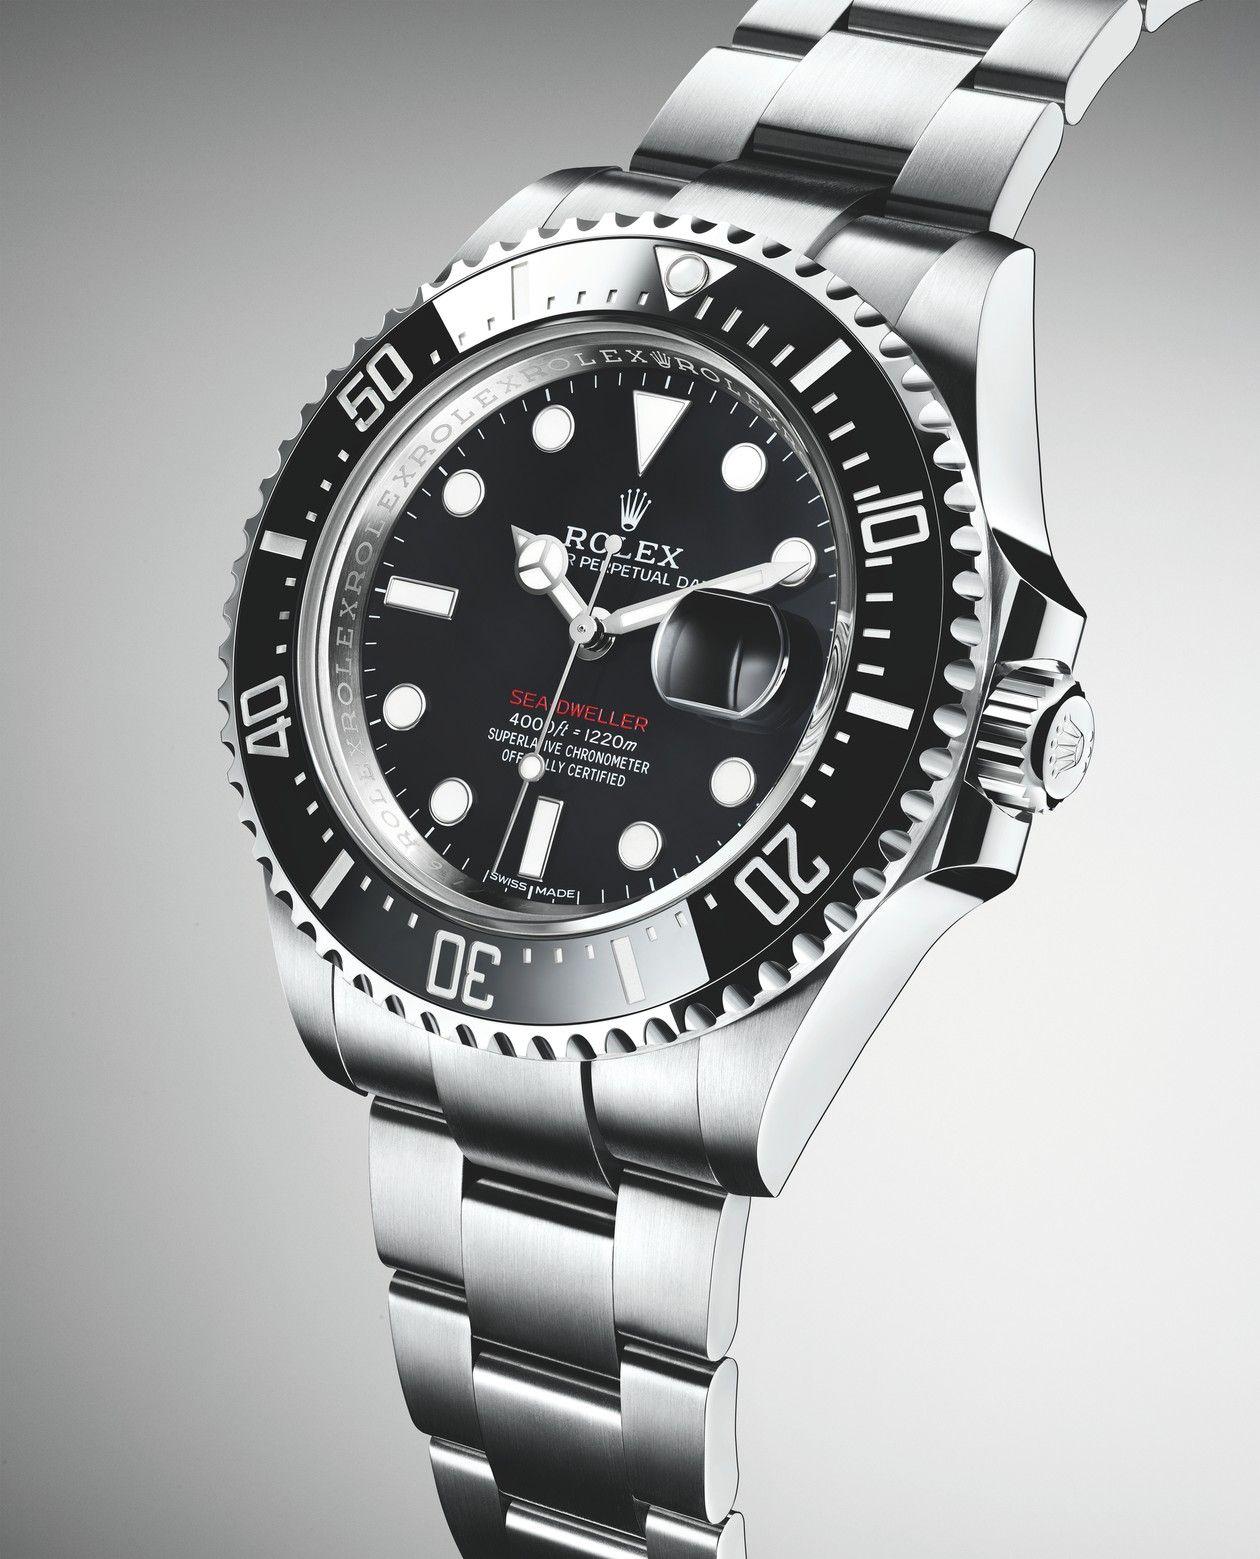 Rolex Submariner 2017